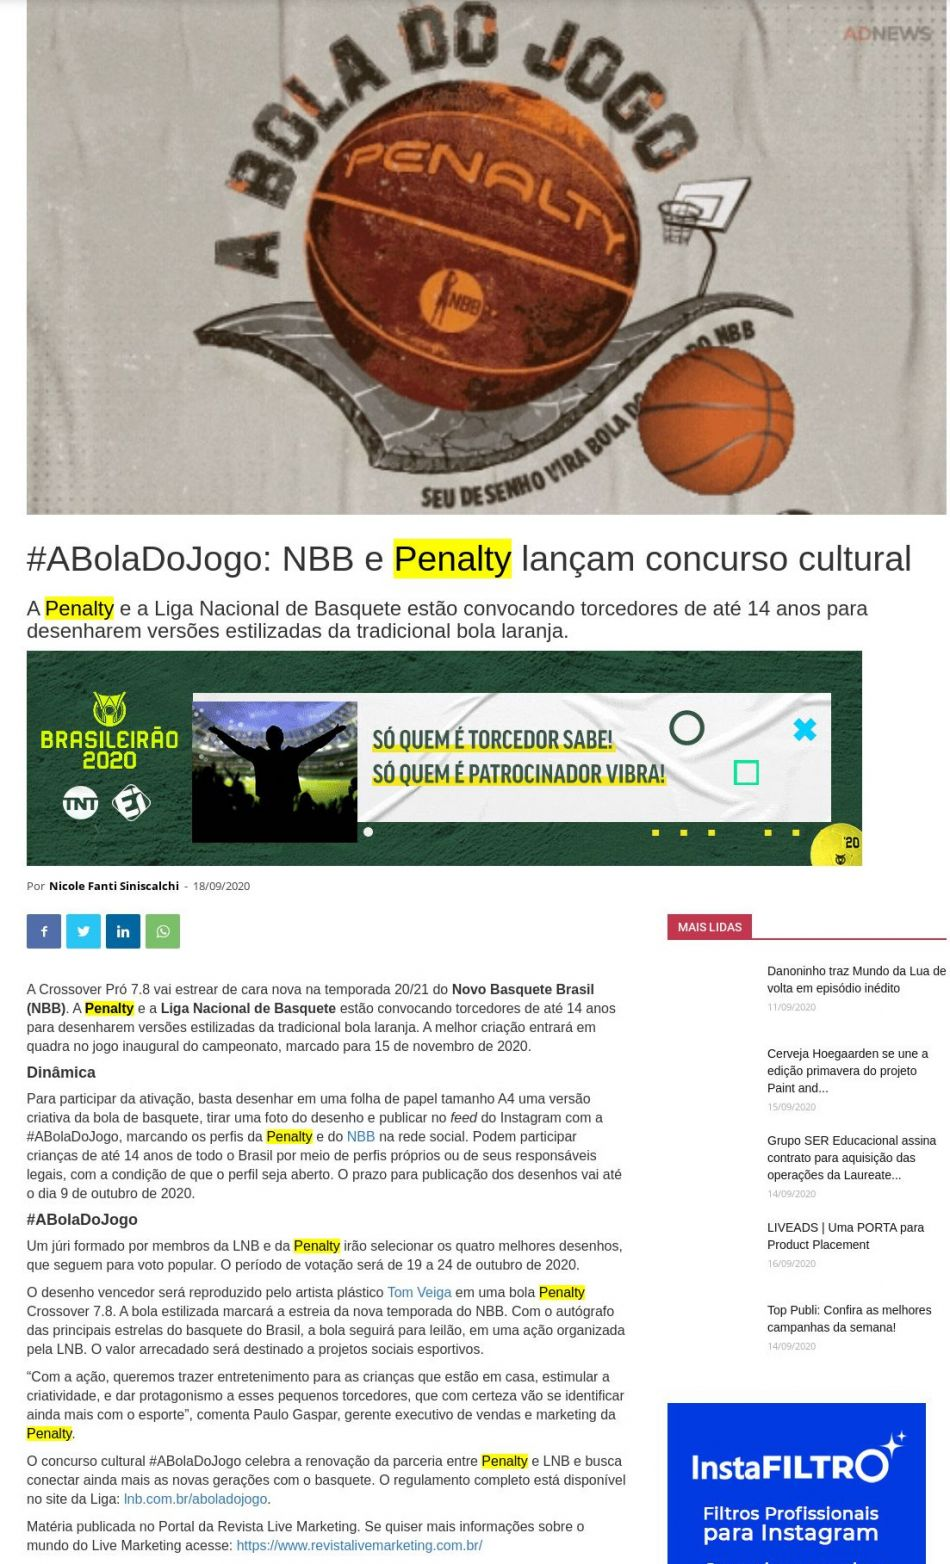 #ABolaDoJogo: NBB e Penalty lançam concurso cultural Adnews